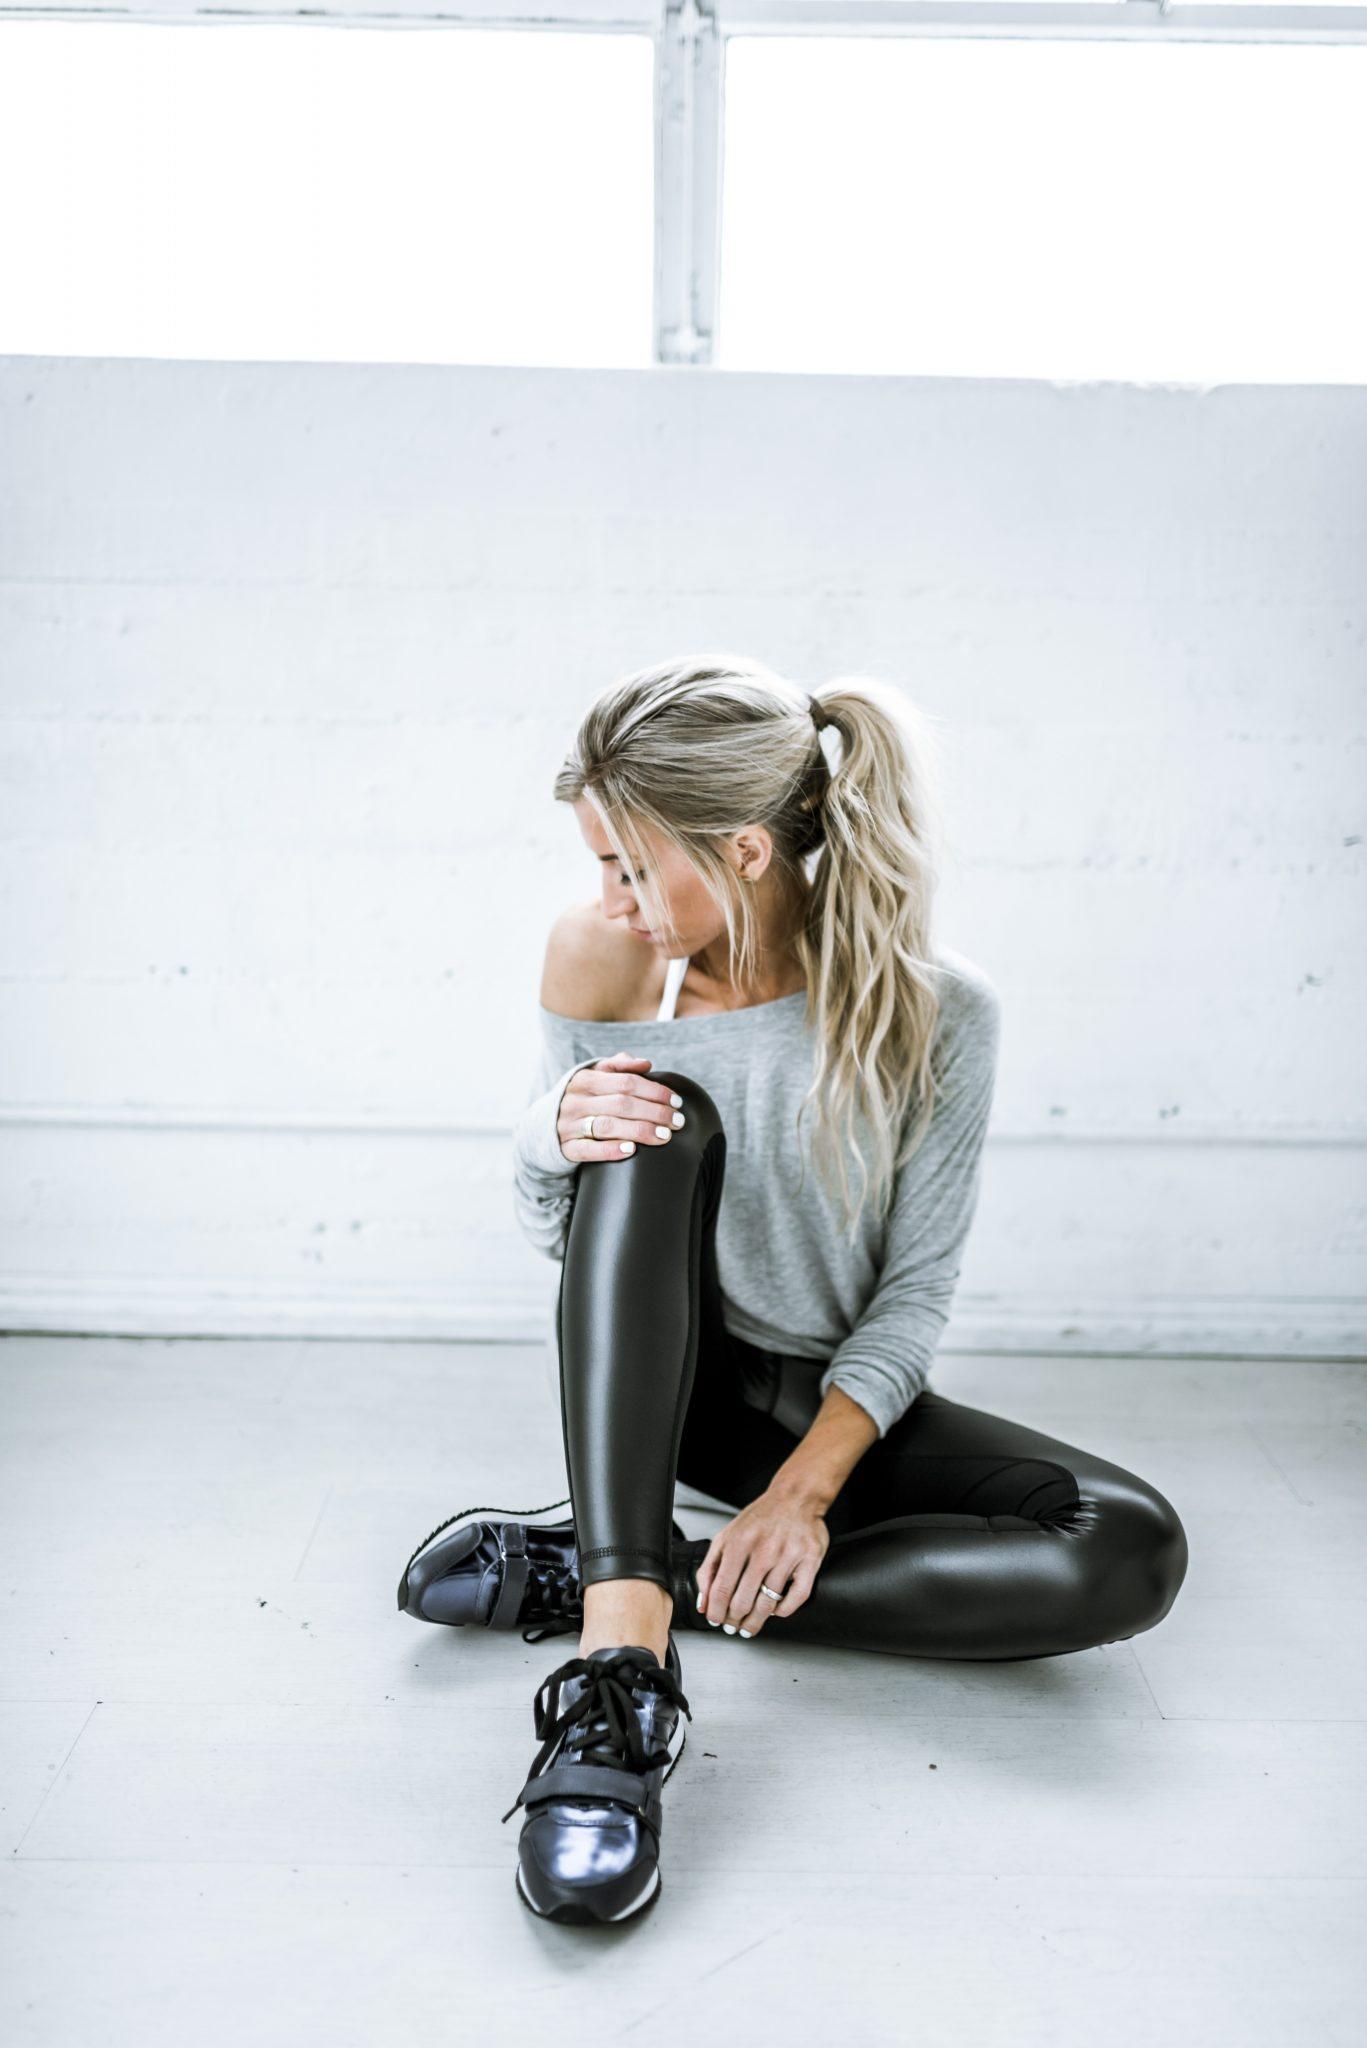 At home leg kick workout routine